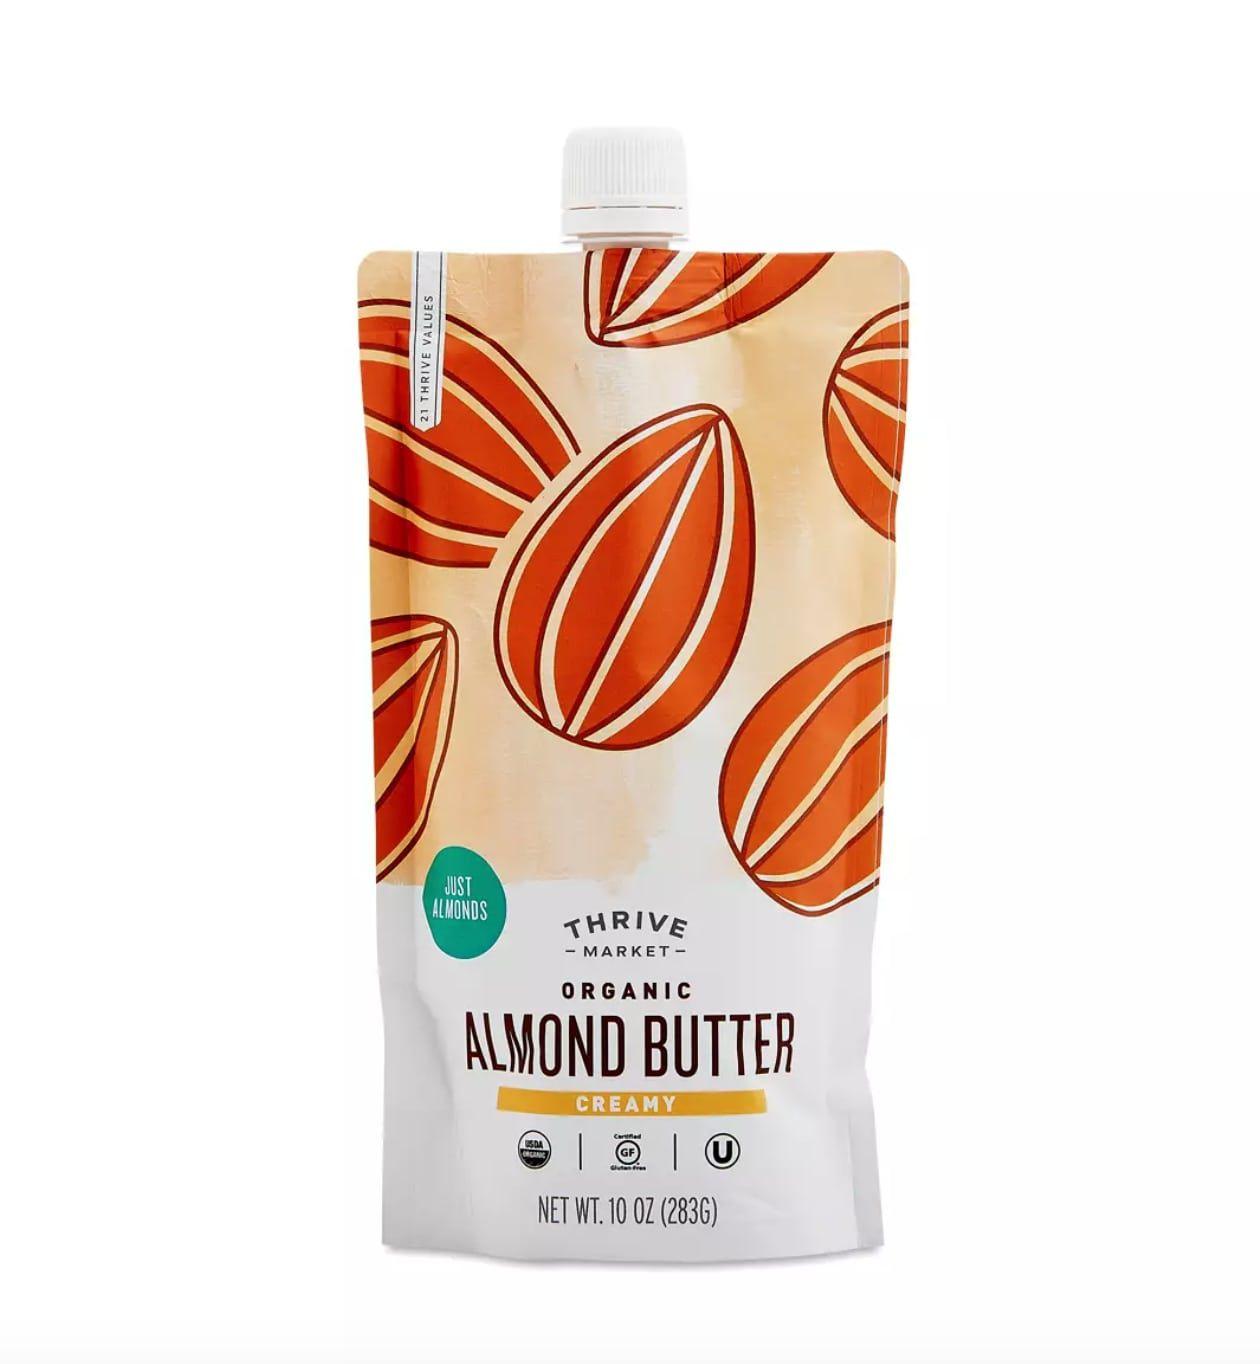 thrive-market-almond-butter